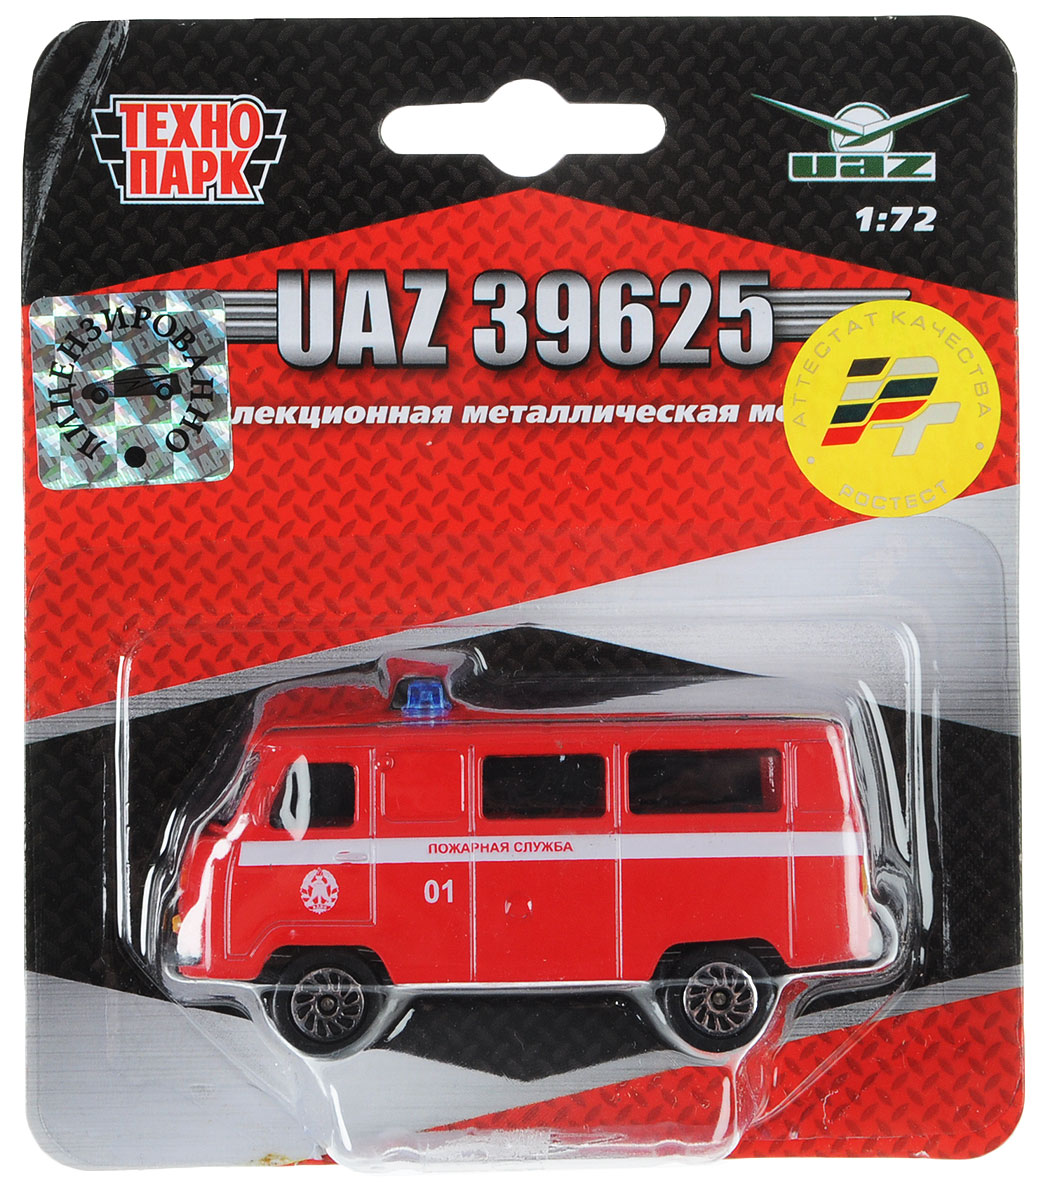 ТехноПарк Автомобиль UAZ 39625 Пожарная служба autotime модель автомобиля uaz 39625 омон